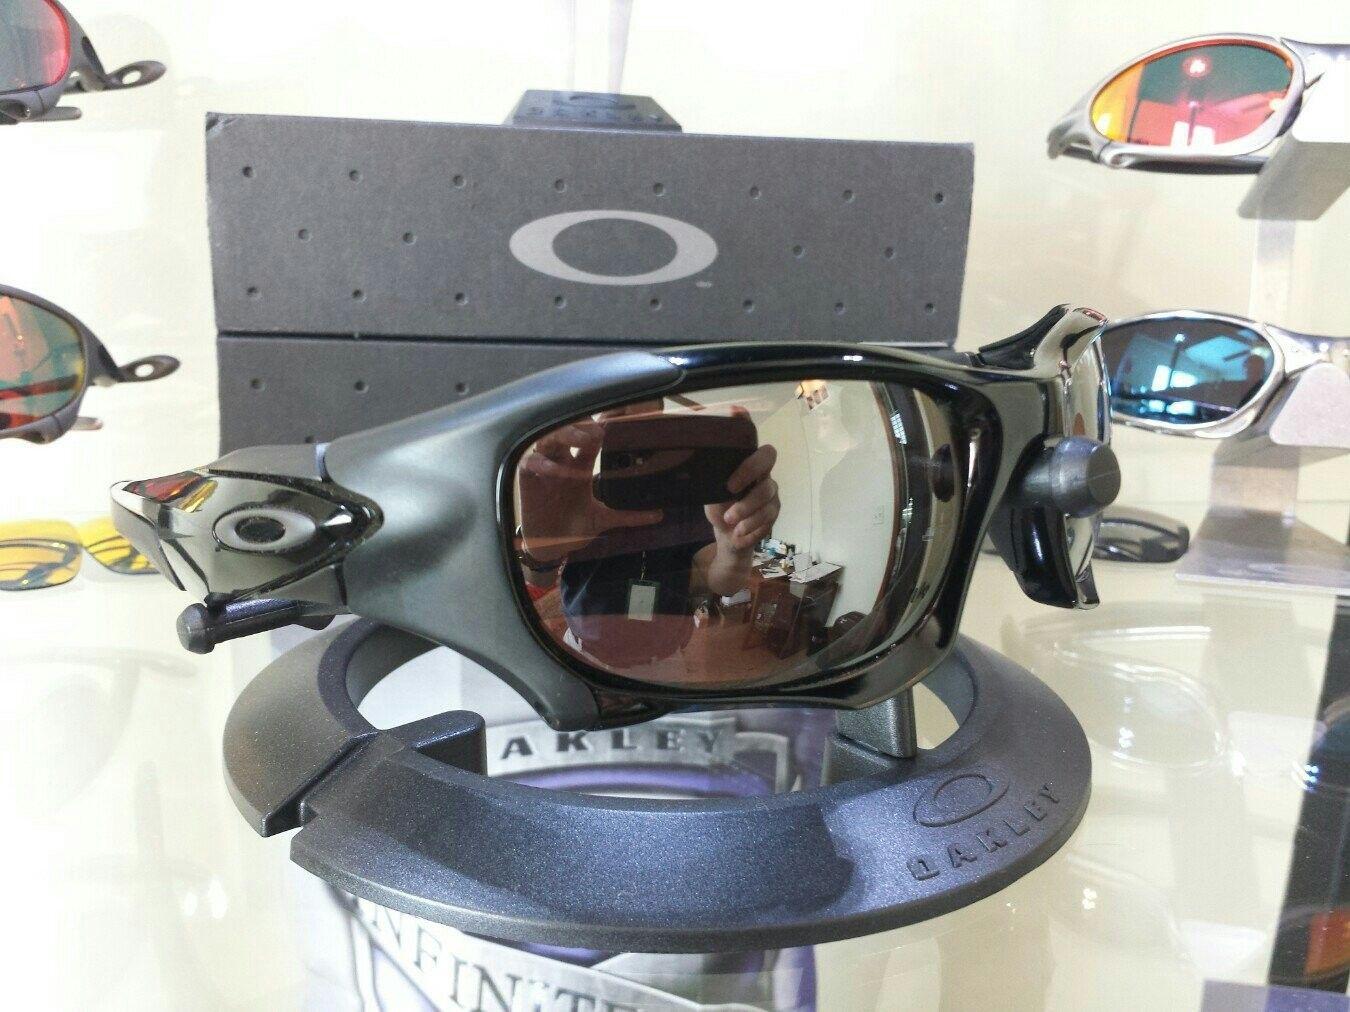 Oakley Pit Boss II - $275 - dypesave.jpg